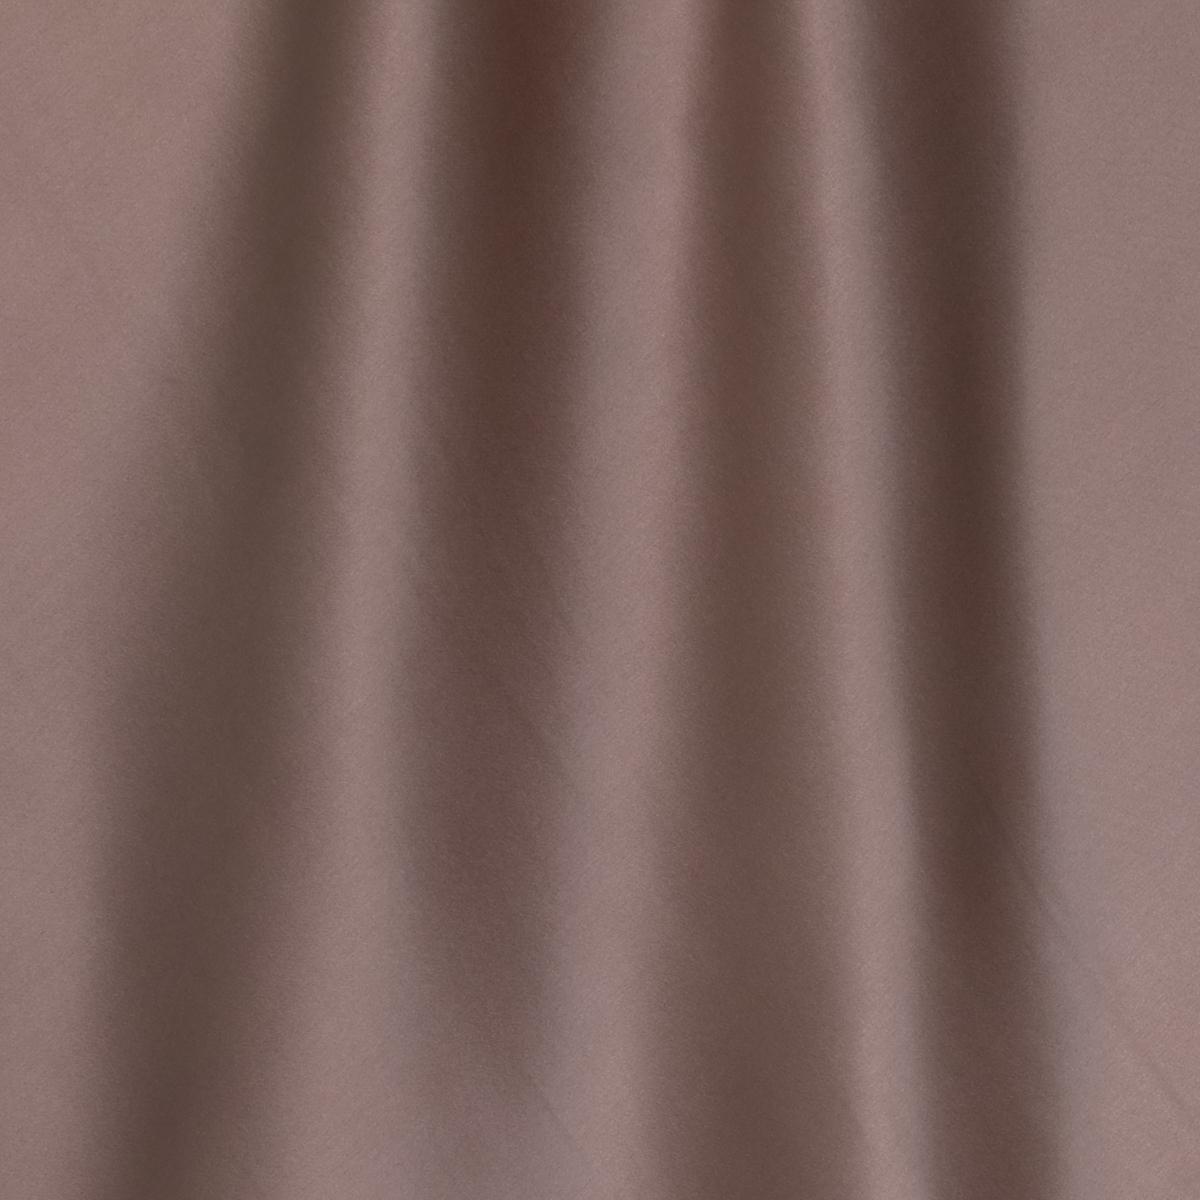 Шёлковый атлас с эластаном лилово-шоколадного цвета